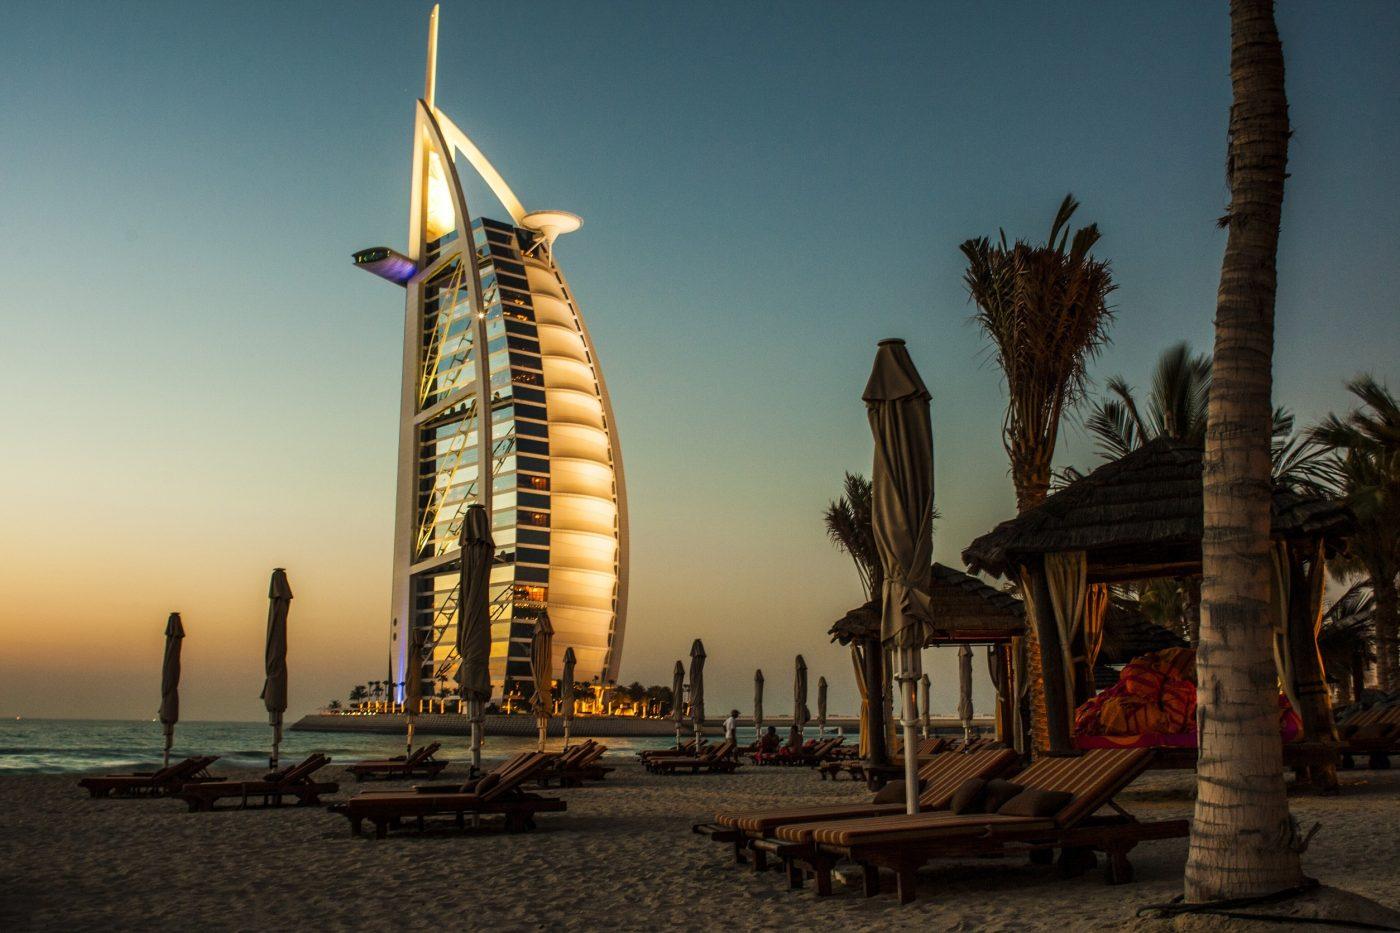 Dubai's World Class Hotels